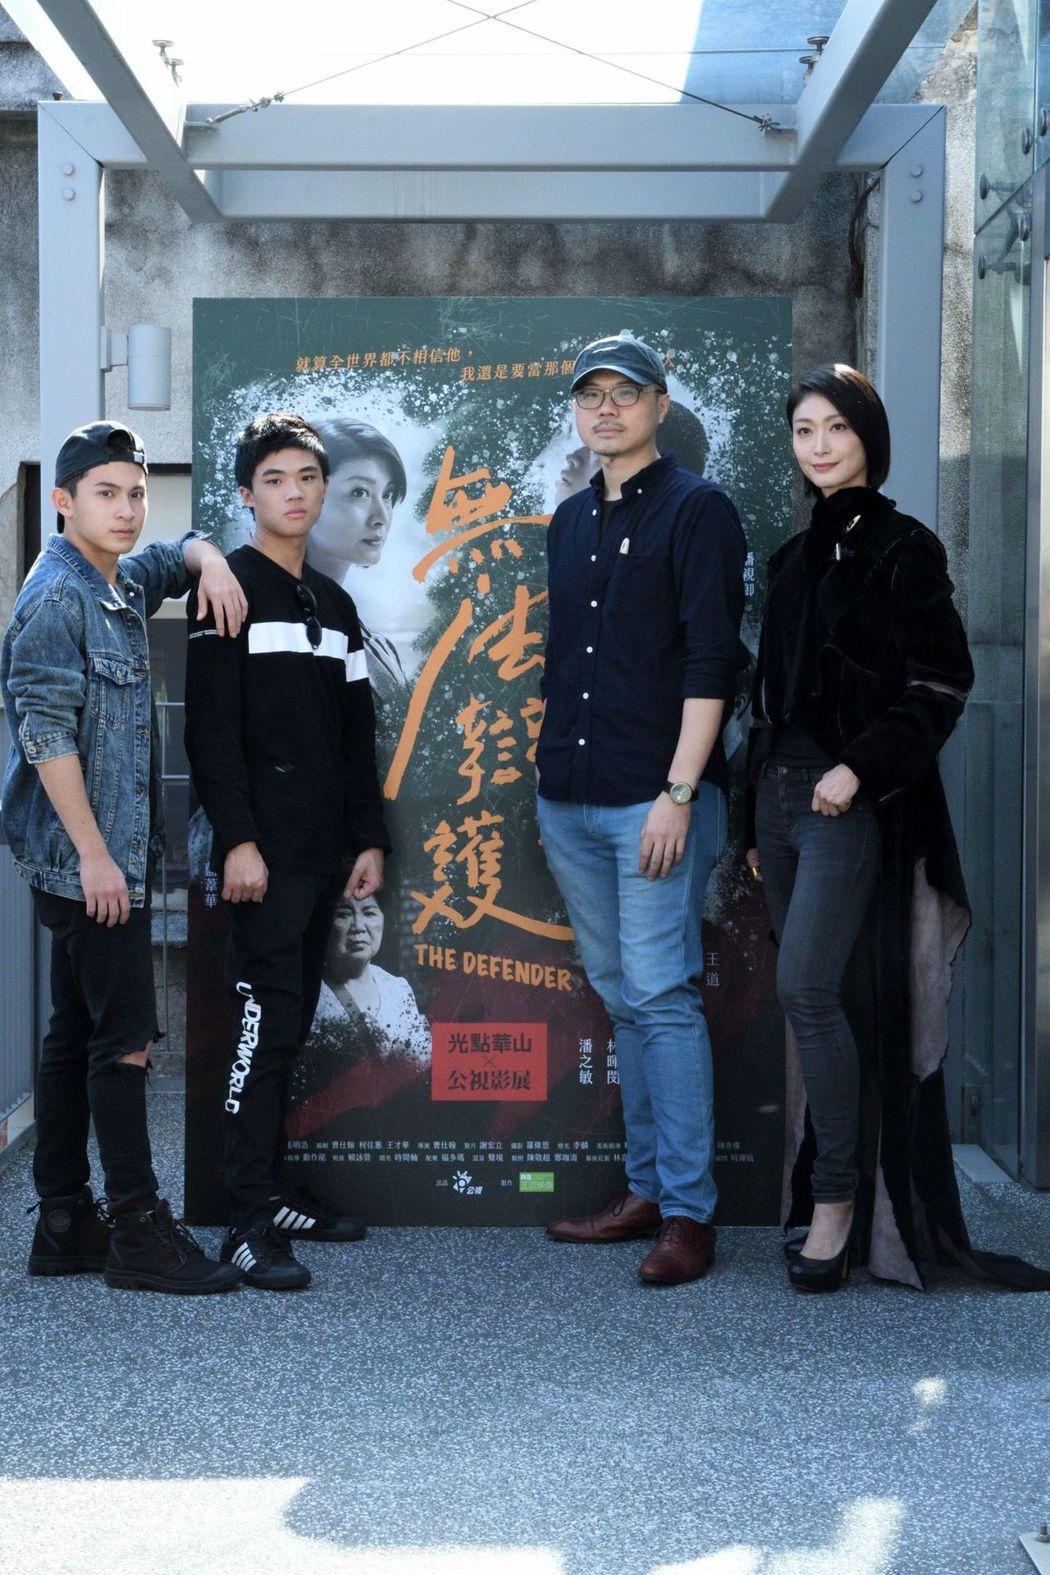 柯奐如(右起)、導演曹仕翰、潘親御、林暉閔出席「無法辯護」宣傳活動。圖/公視提供